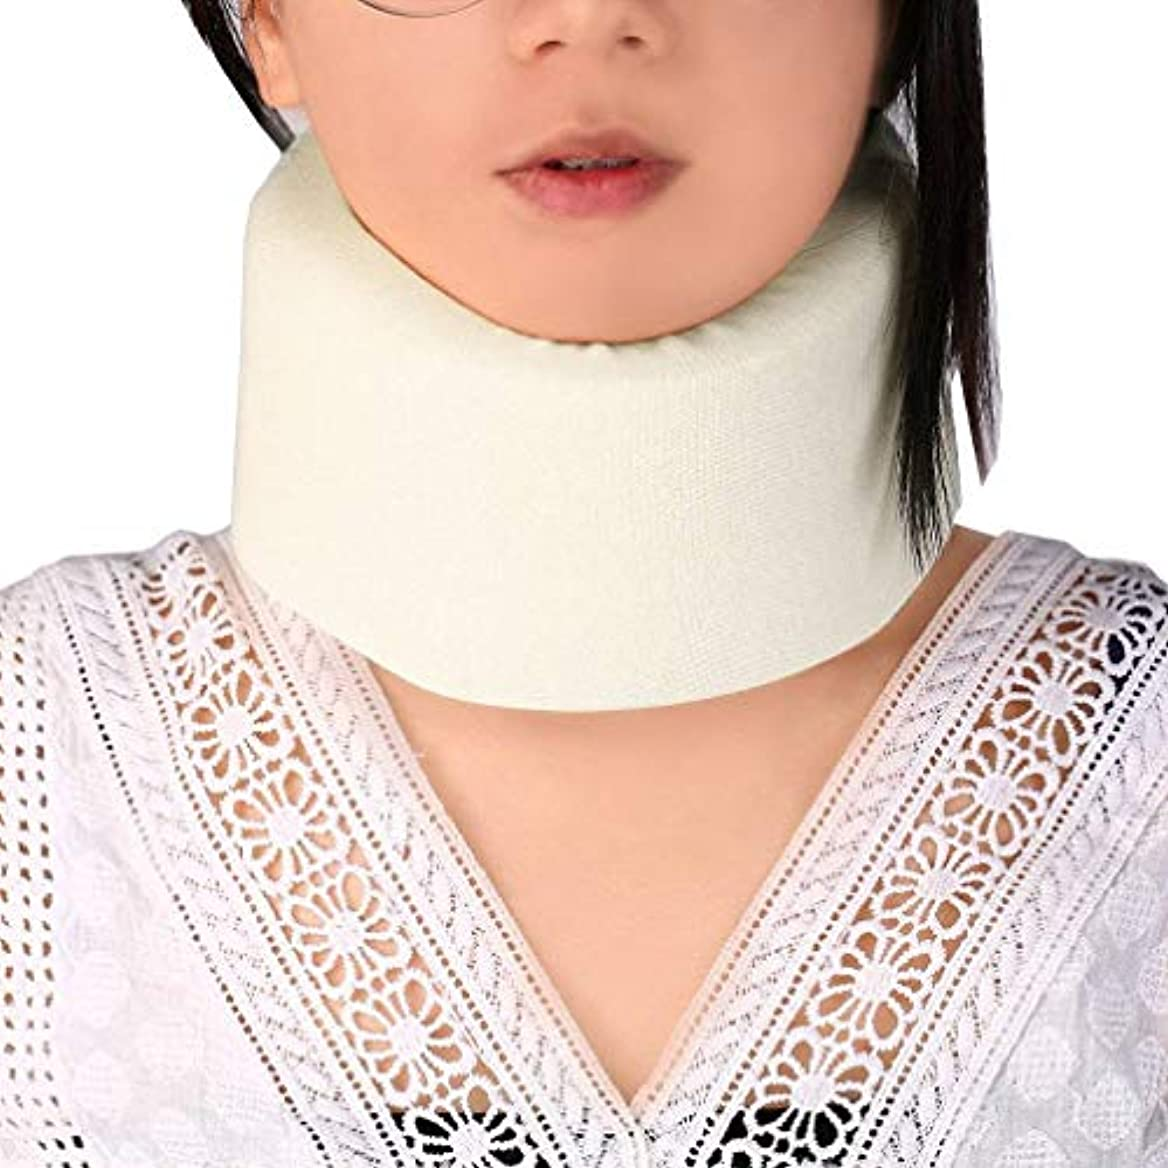 実行道徳禁じるOral Dentistry 首 サポーター ソフト 頸椎 首こり ソフト頸椎カラー 肩の痛みの軽減 着脱 簡単 男女兼用 ホワイト